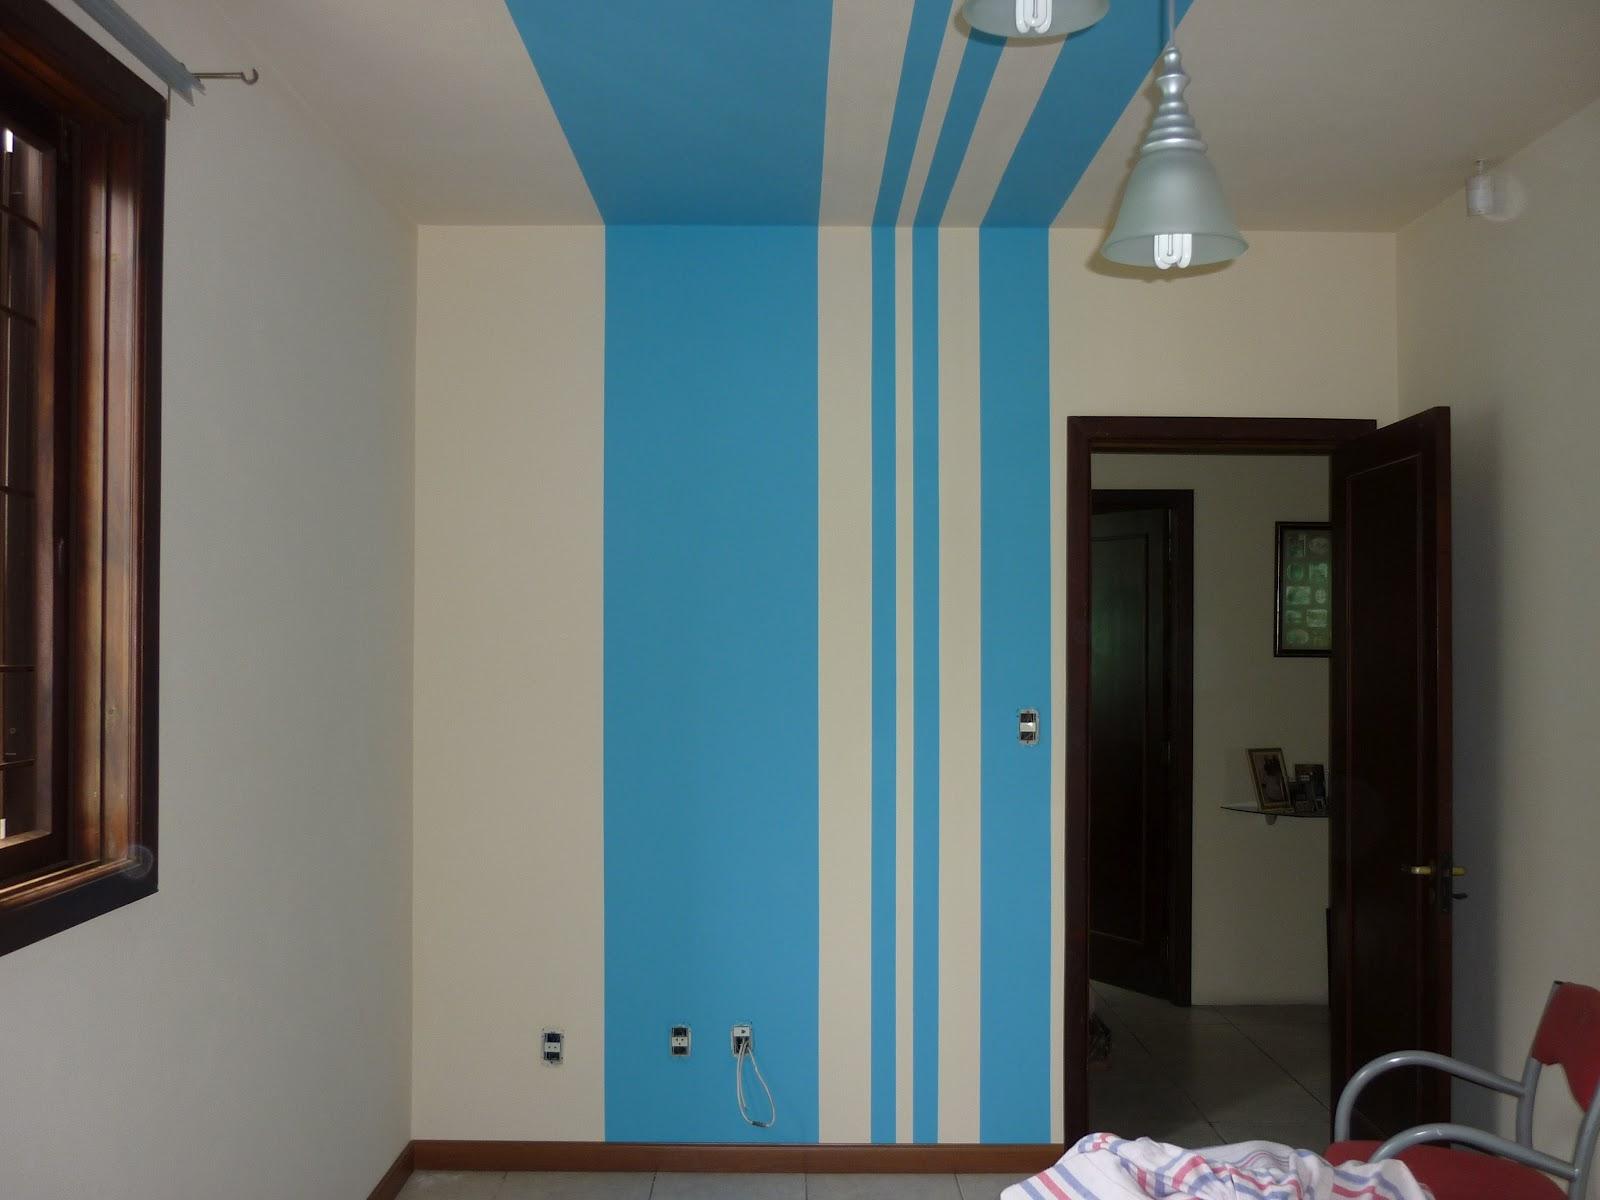 Esc pinturas rio grande pintura com efeito listras na - Pintura de pared ...